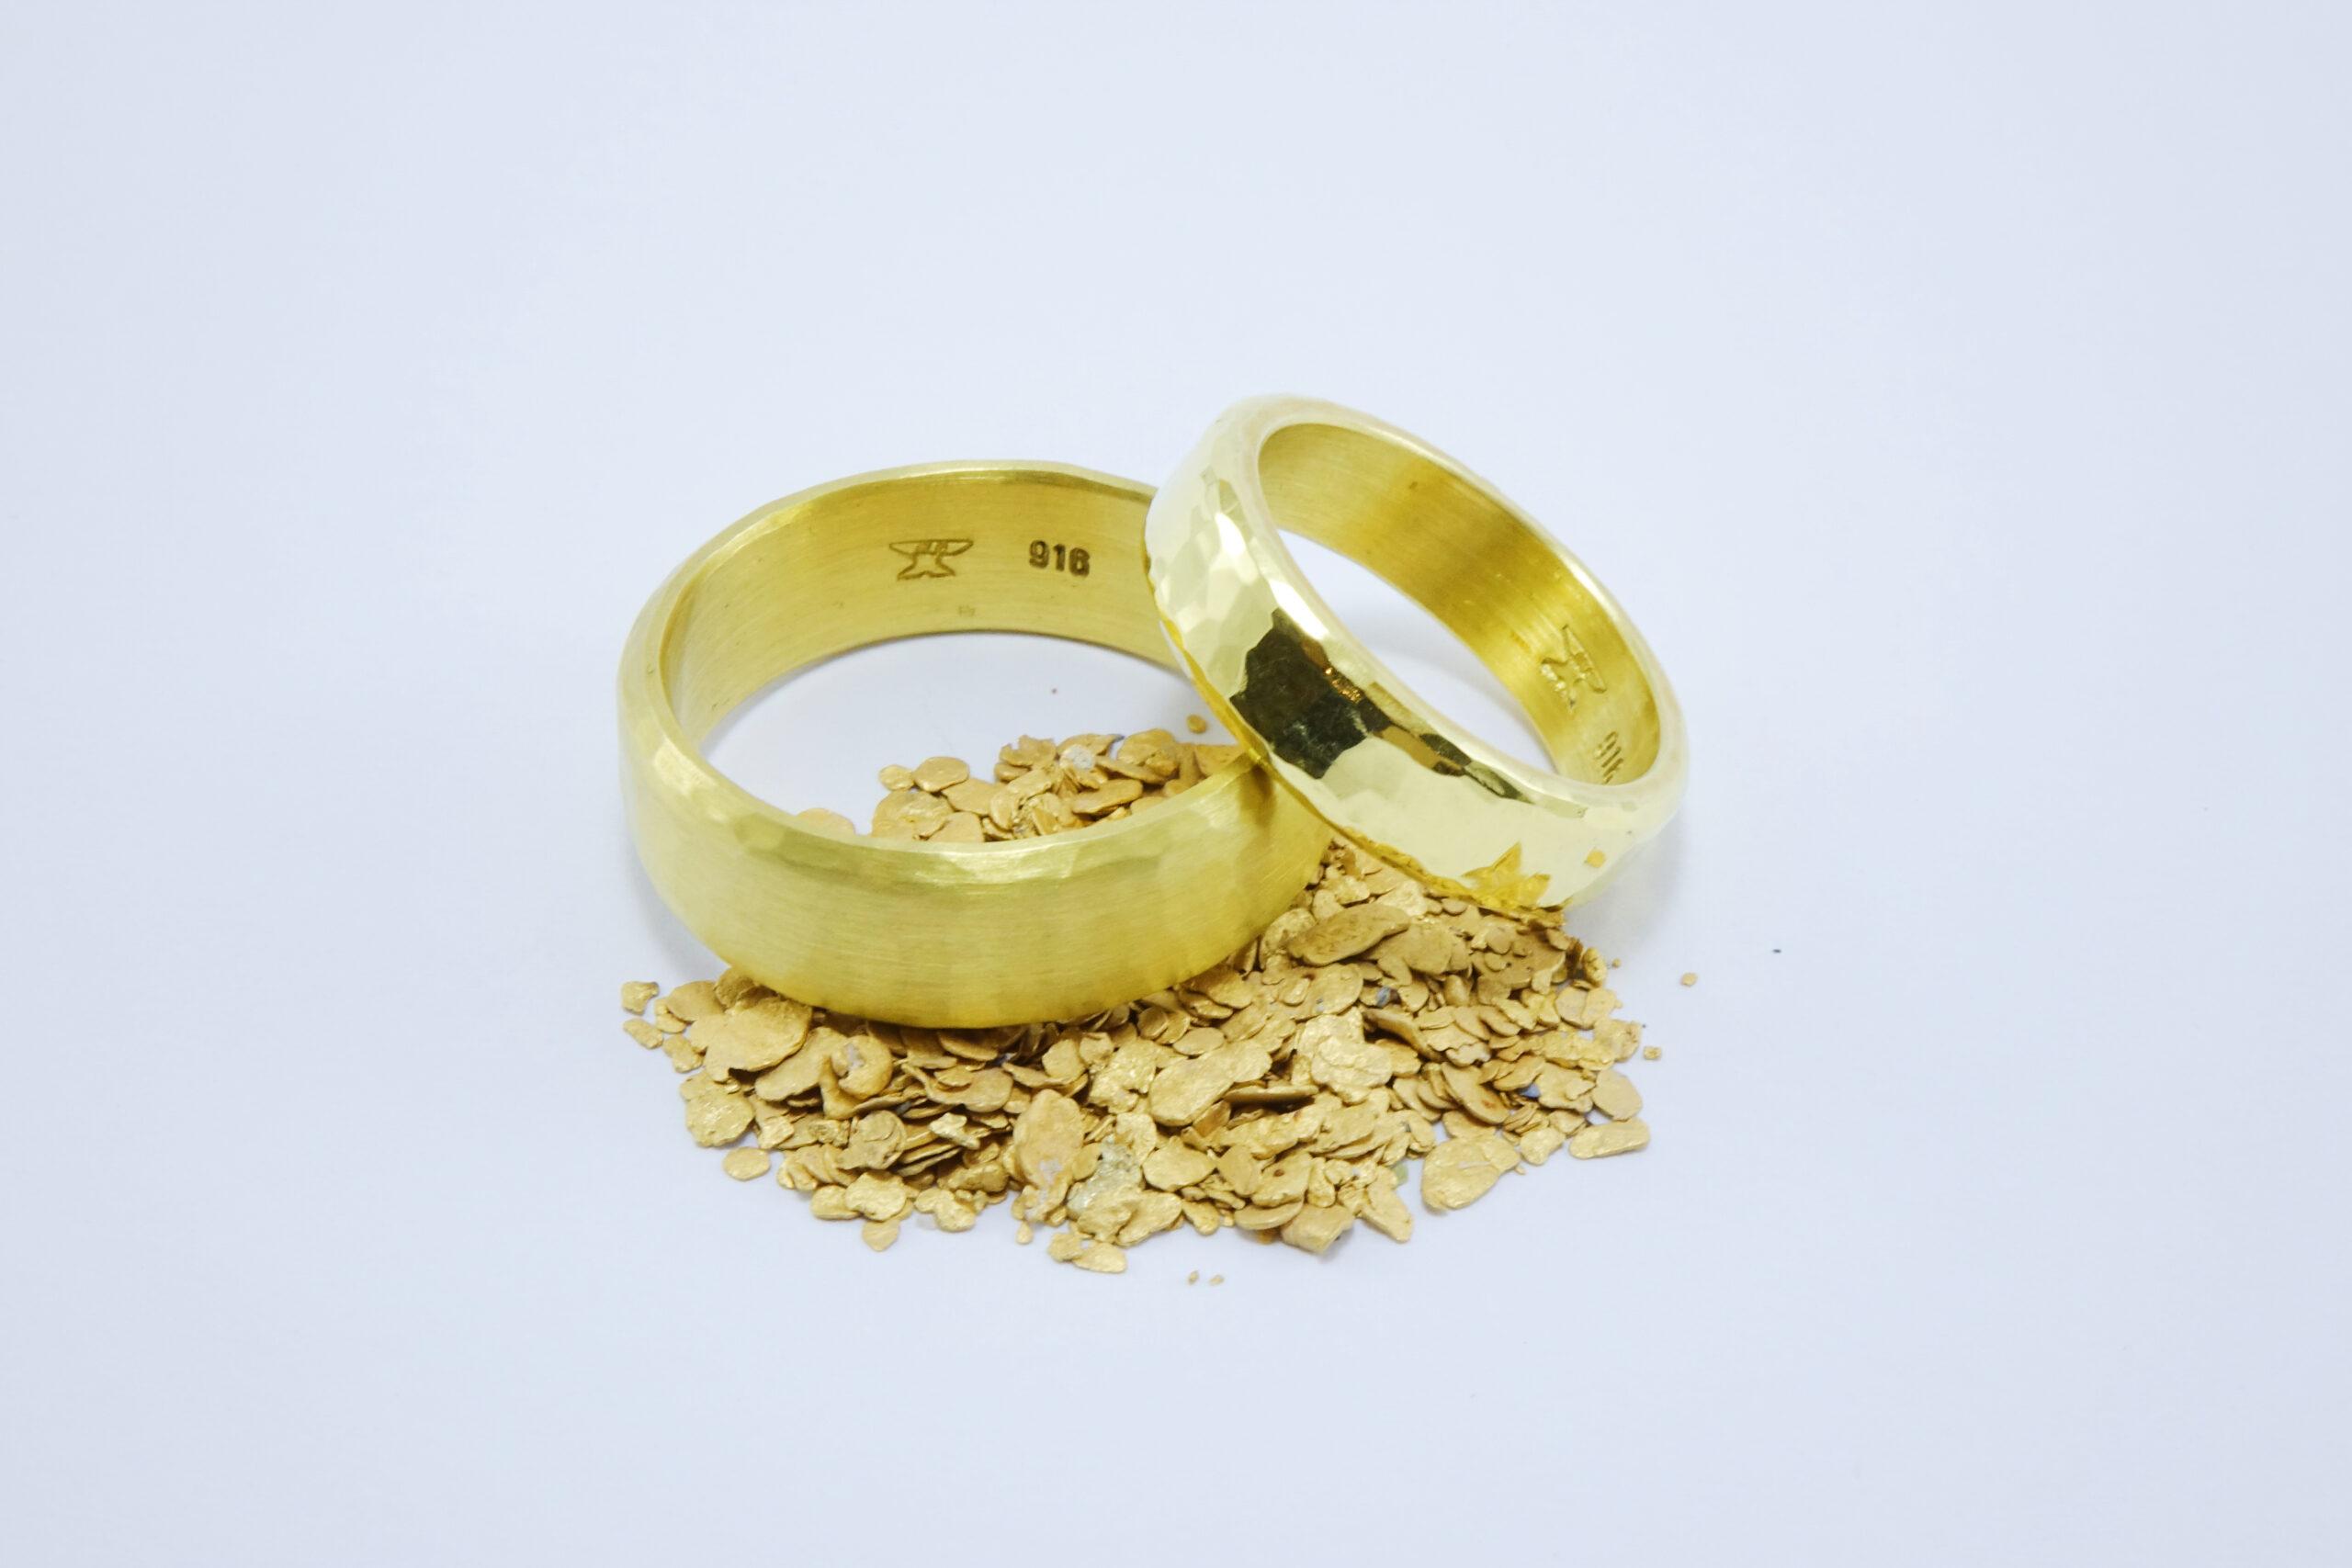 Eheringe aus Naturgold: Das solltest Du über die Herkunft von Gold wissen (Teil 1 von 2) 4